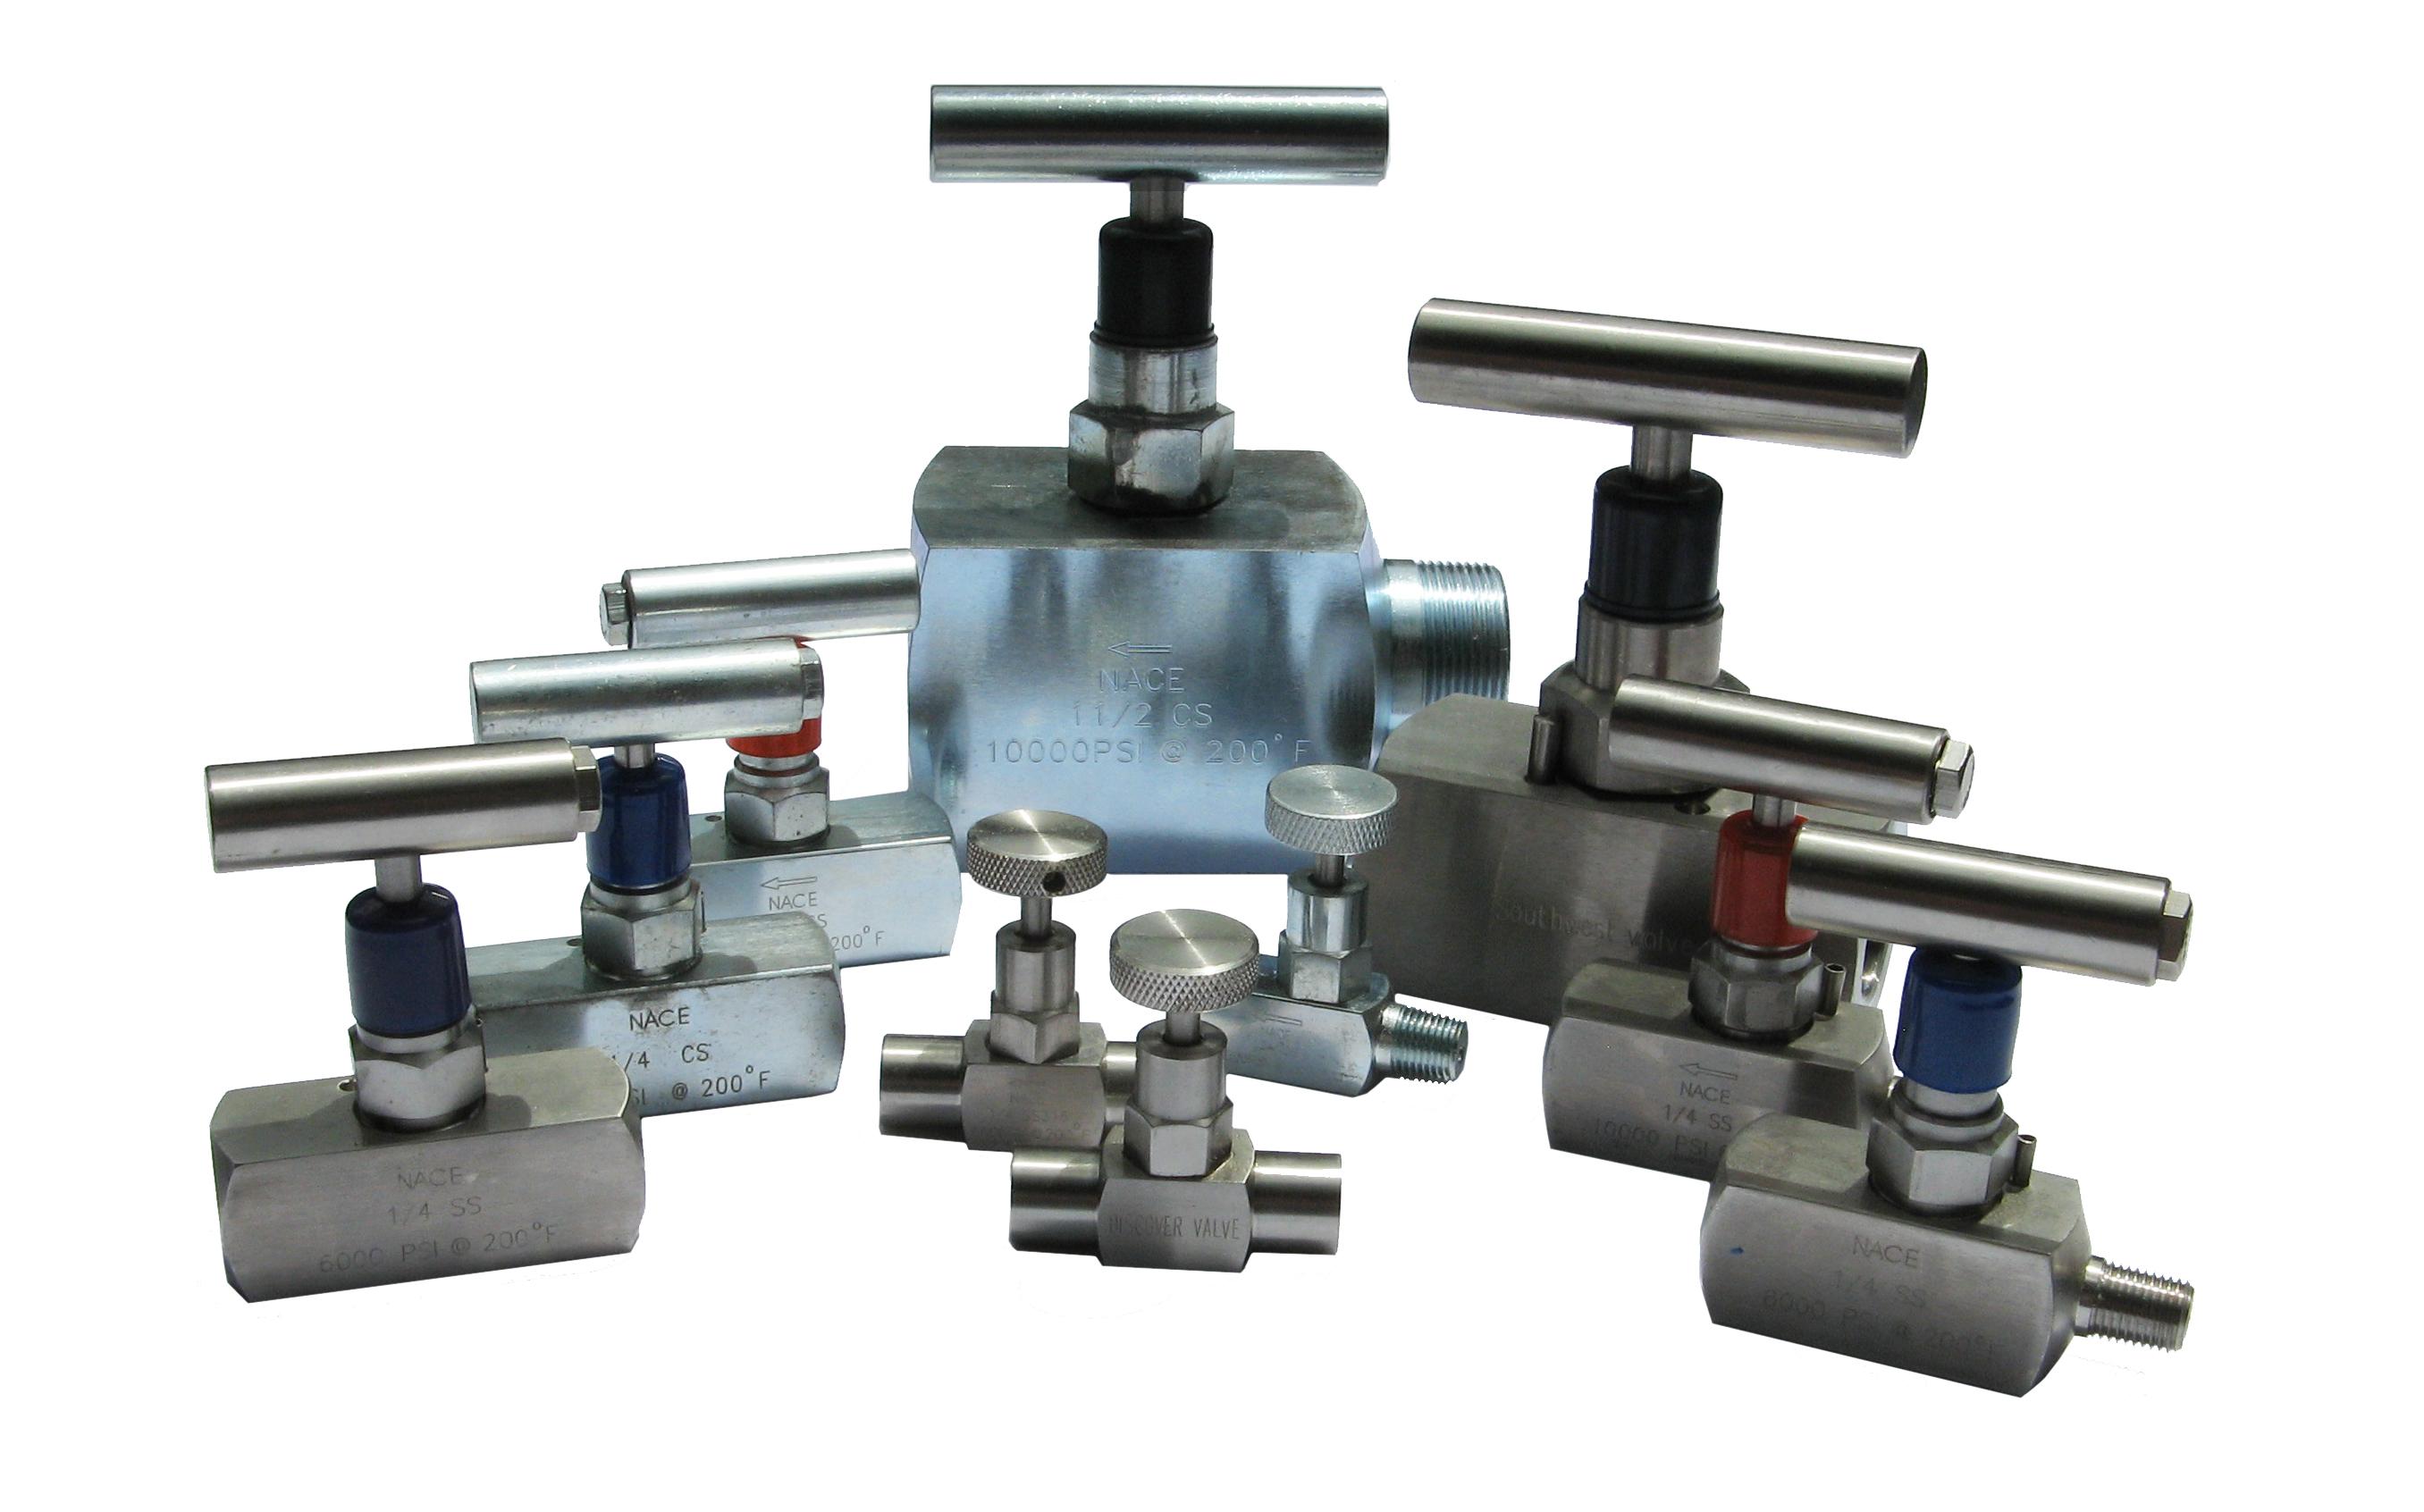 Вентиль: запорный и терморегулирующий вентиль для врезки, балансировочный и муфтовый, чем он отличается от задвижки